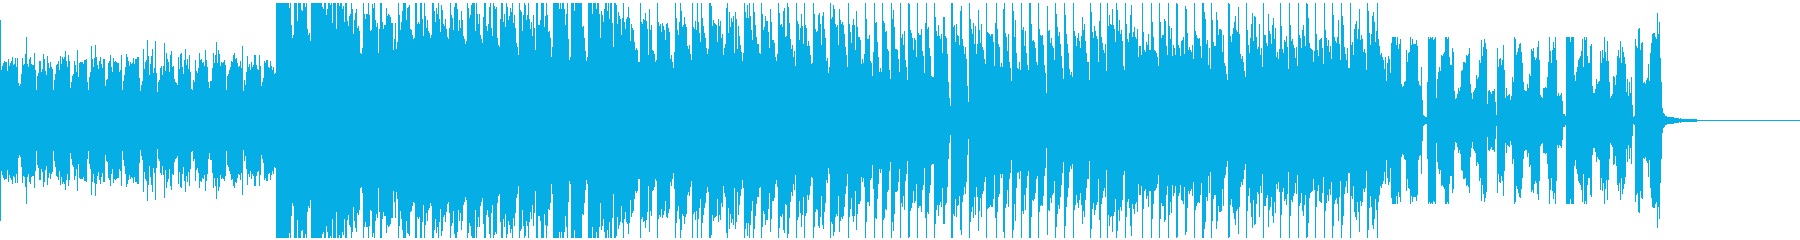 イベント等のオープニング曲の再生済みの波形